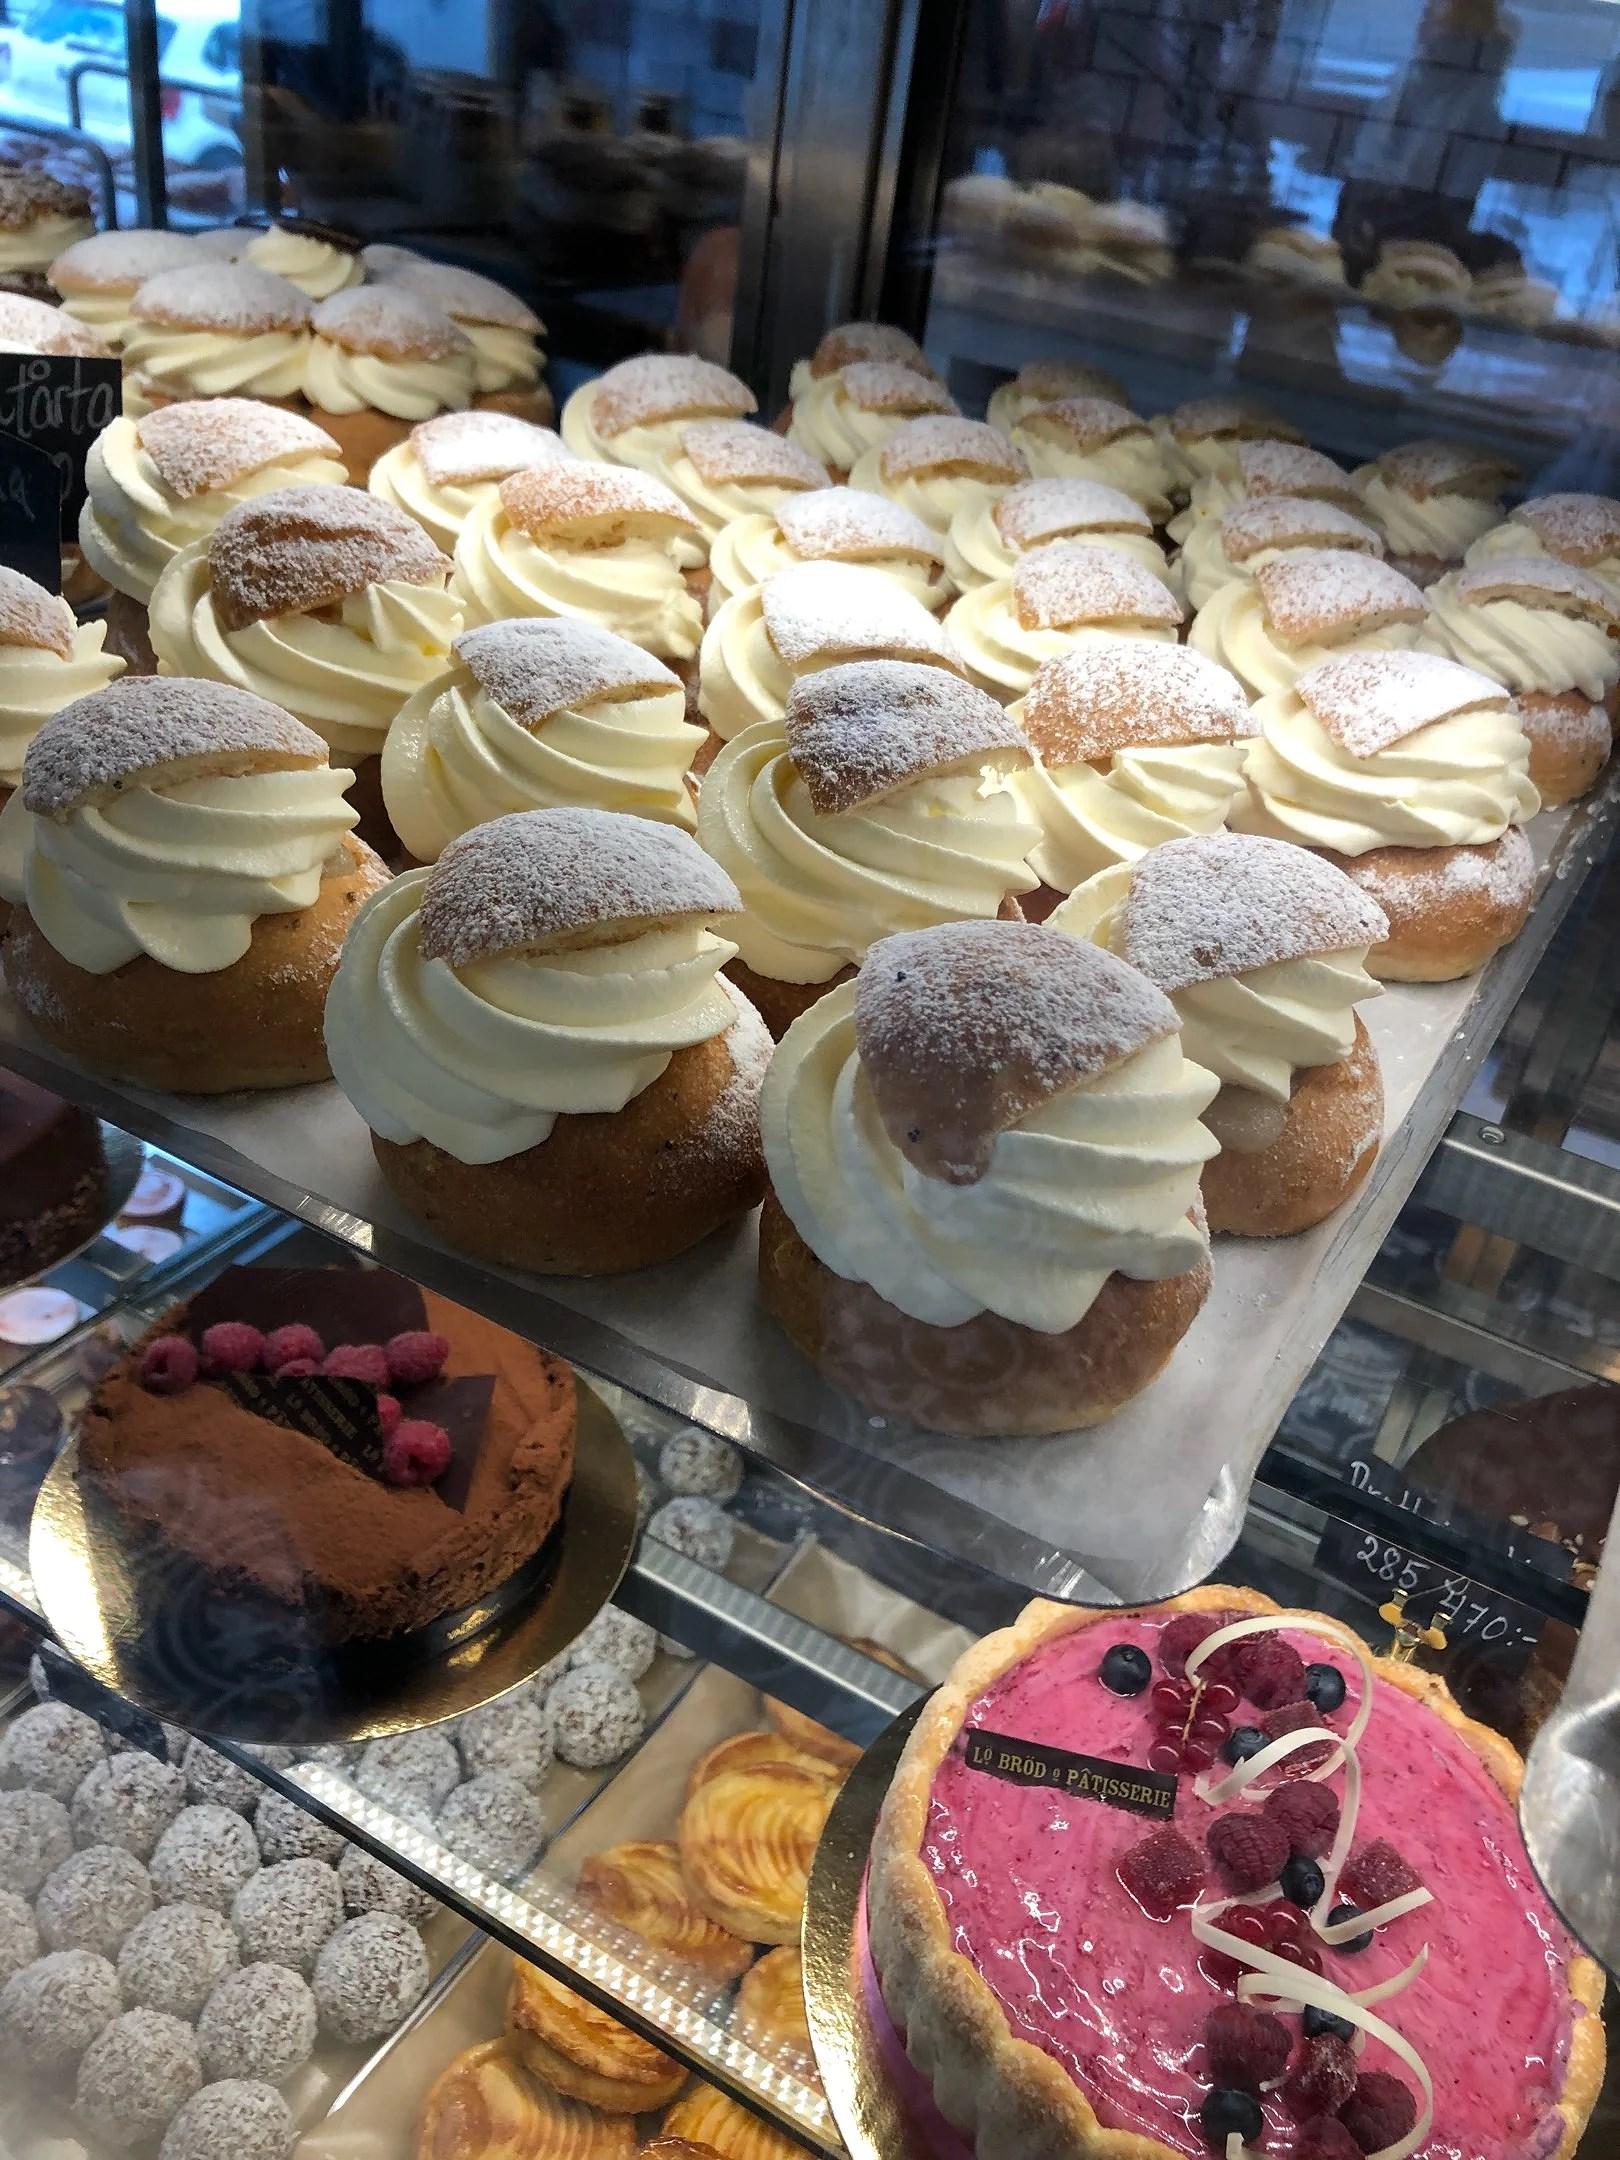 Lidingö Bröd & Patisserie.